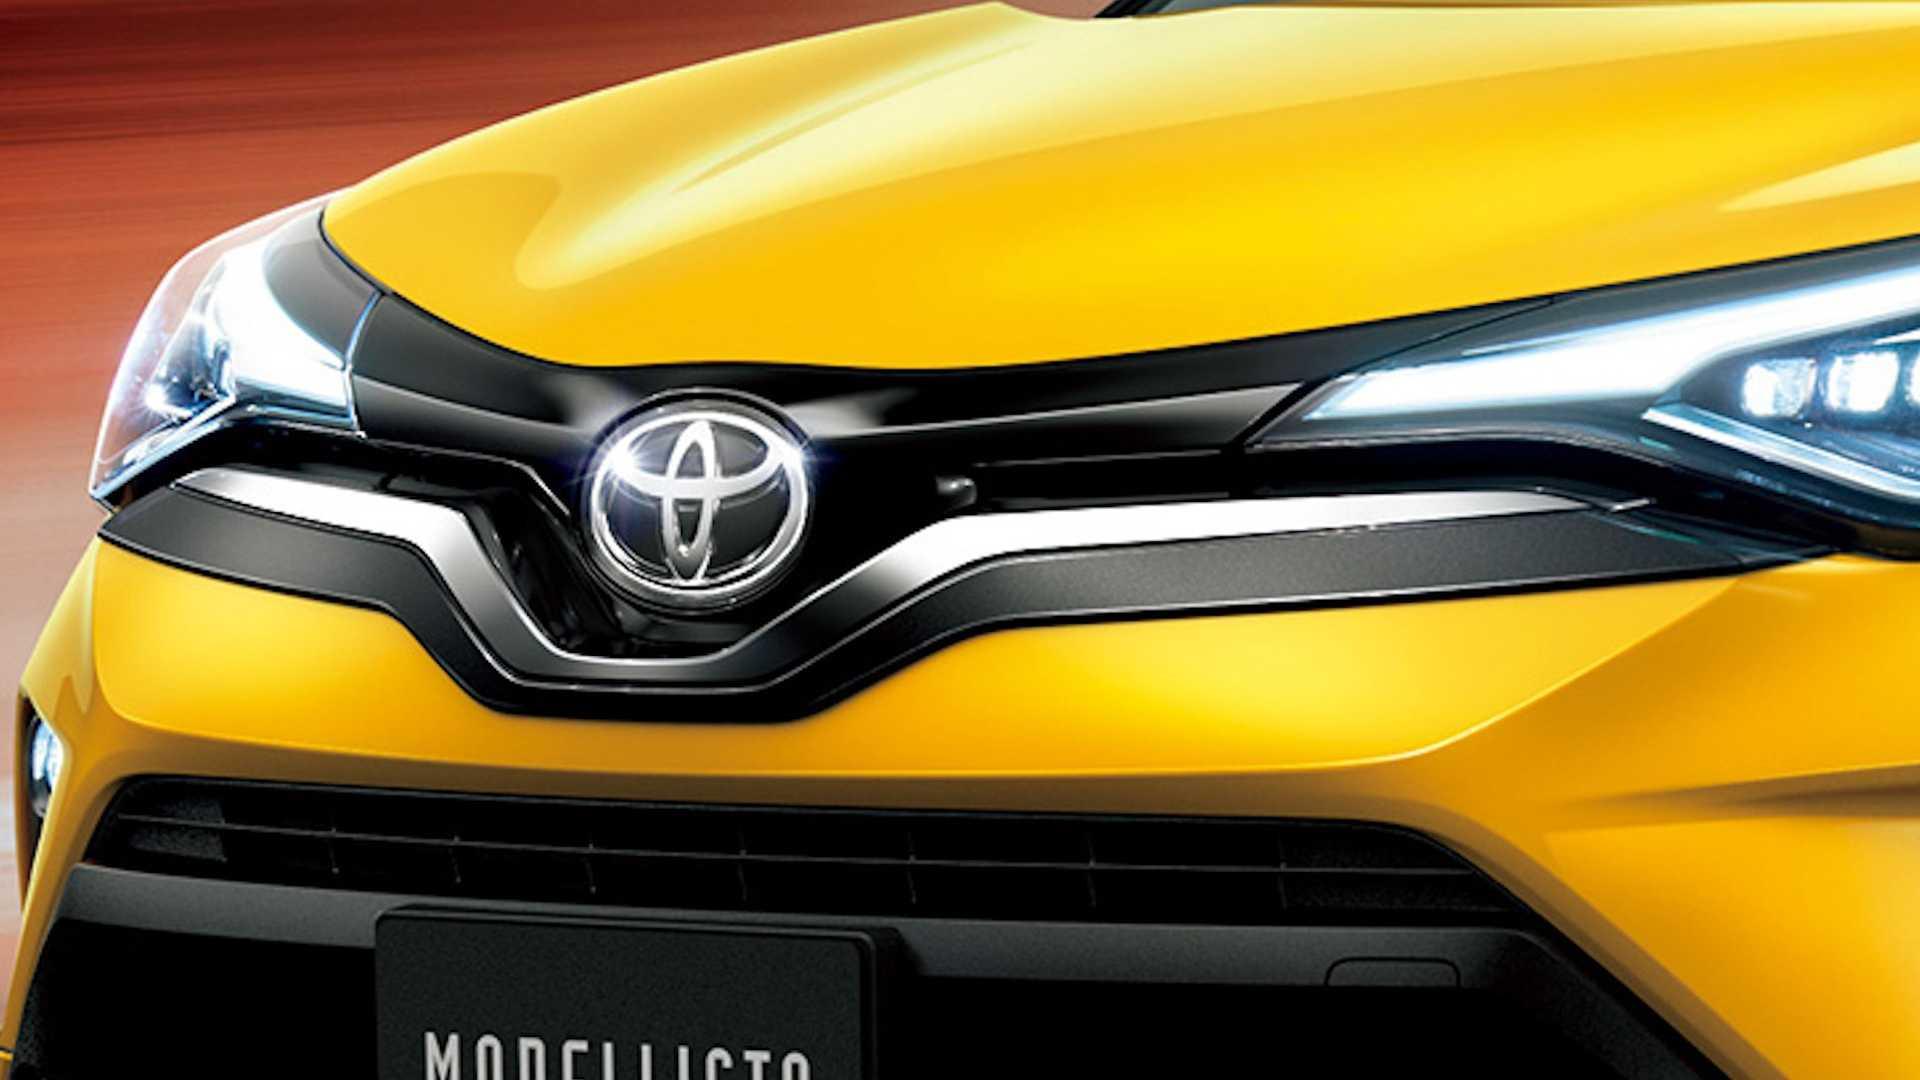 Toyota-C-HR-by-Modellista-7